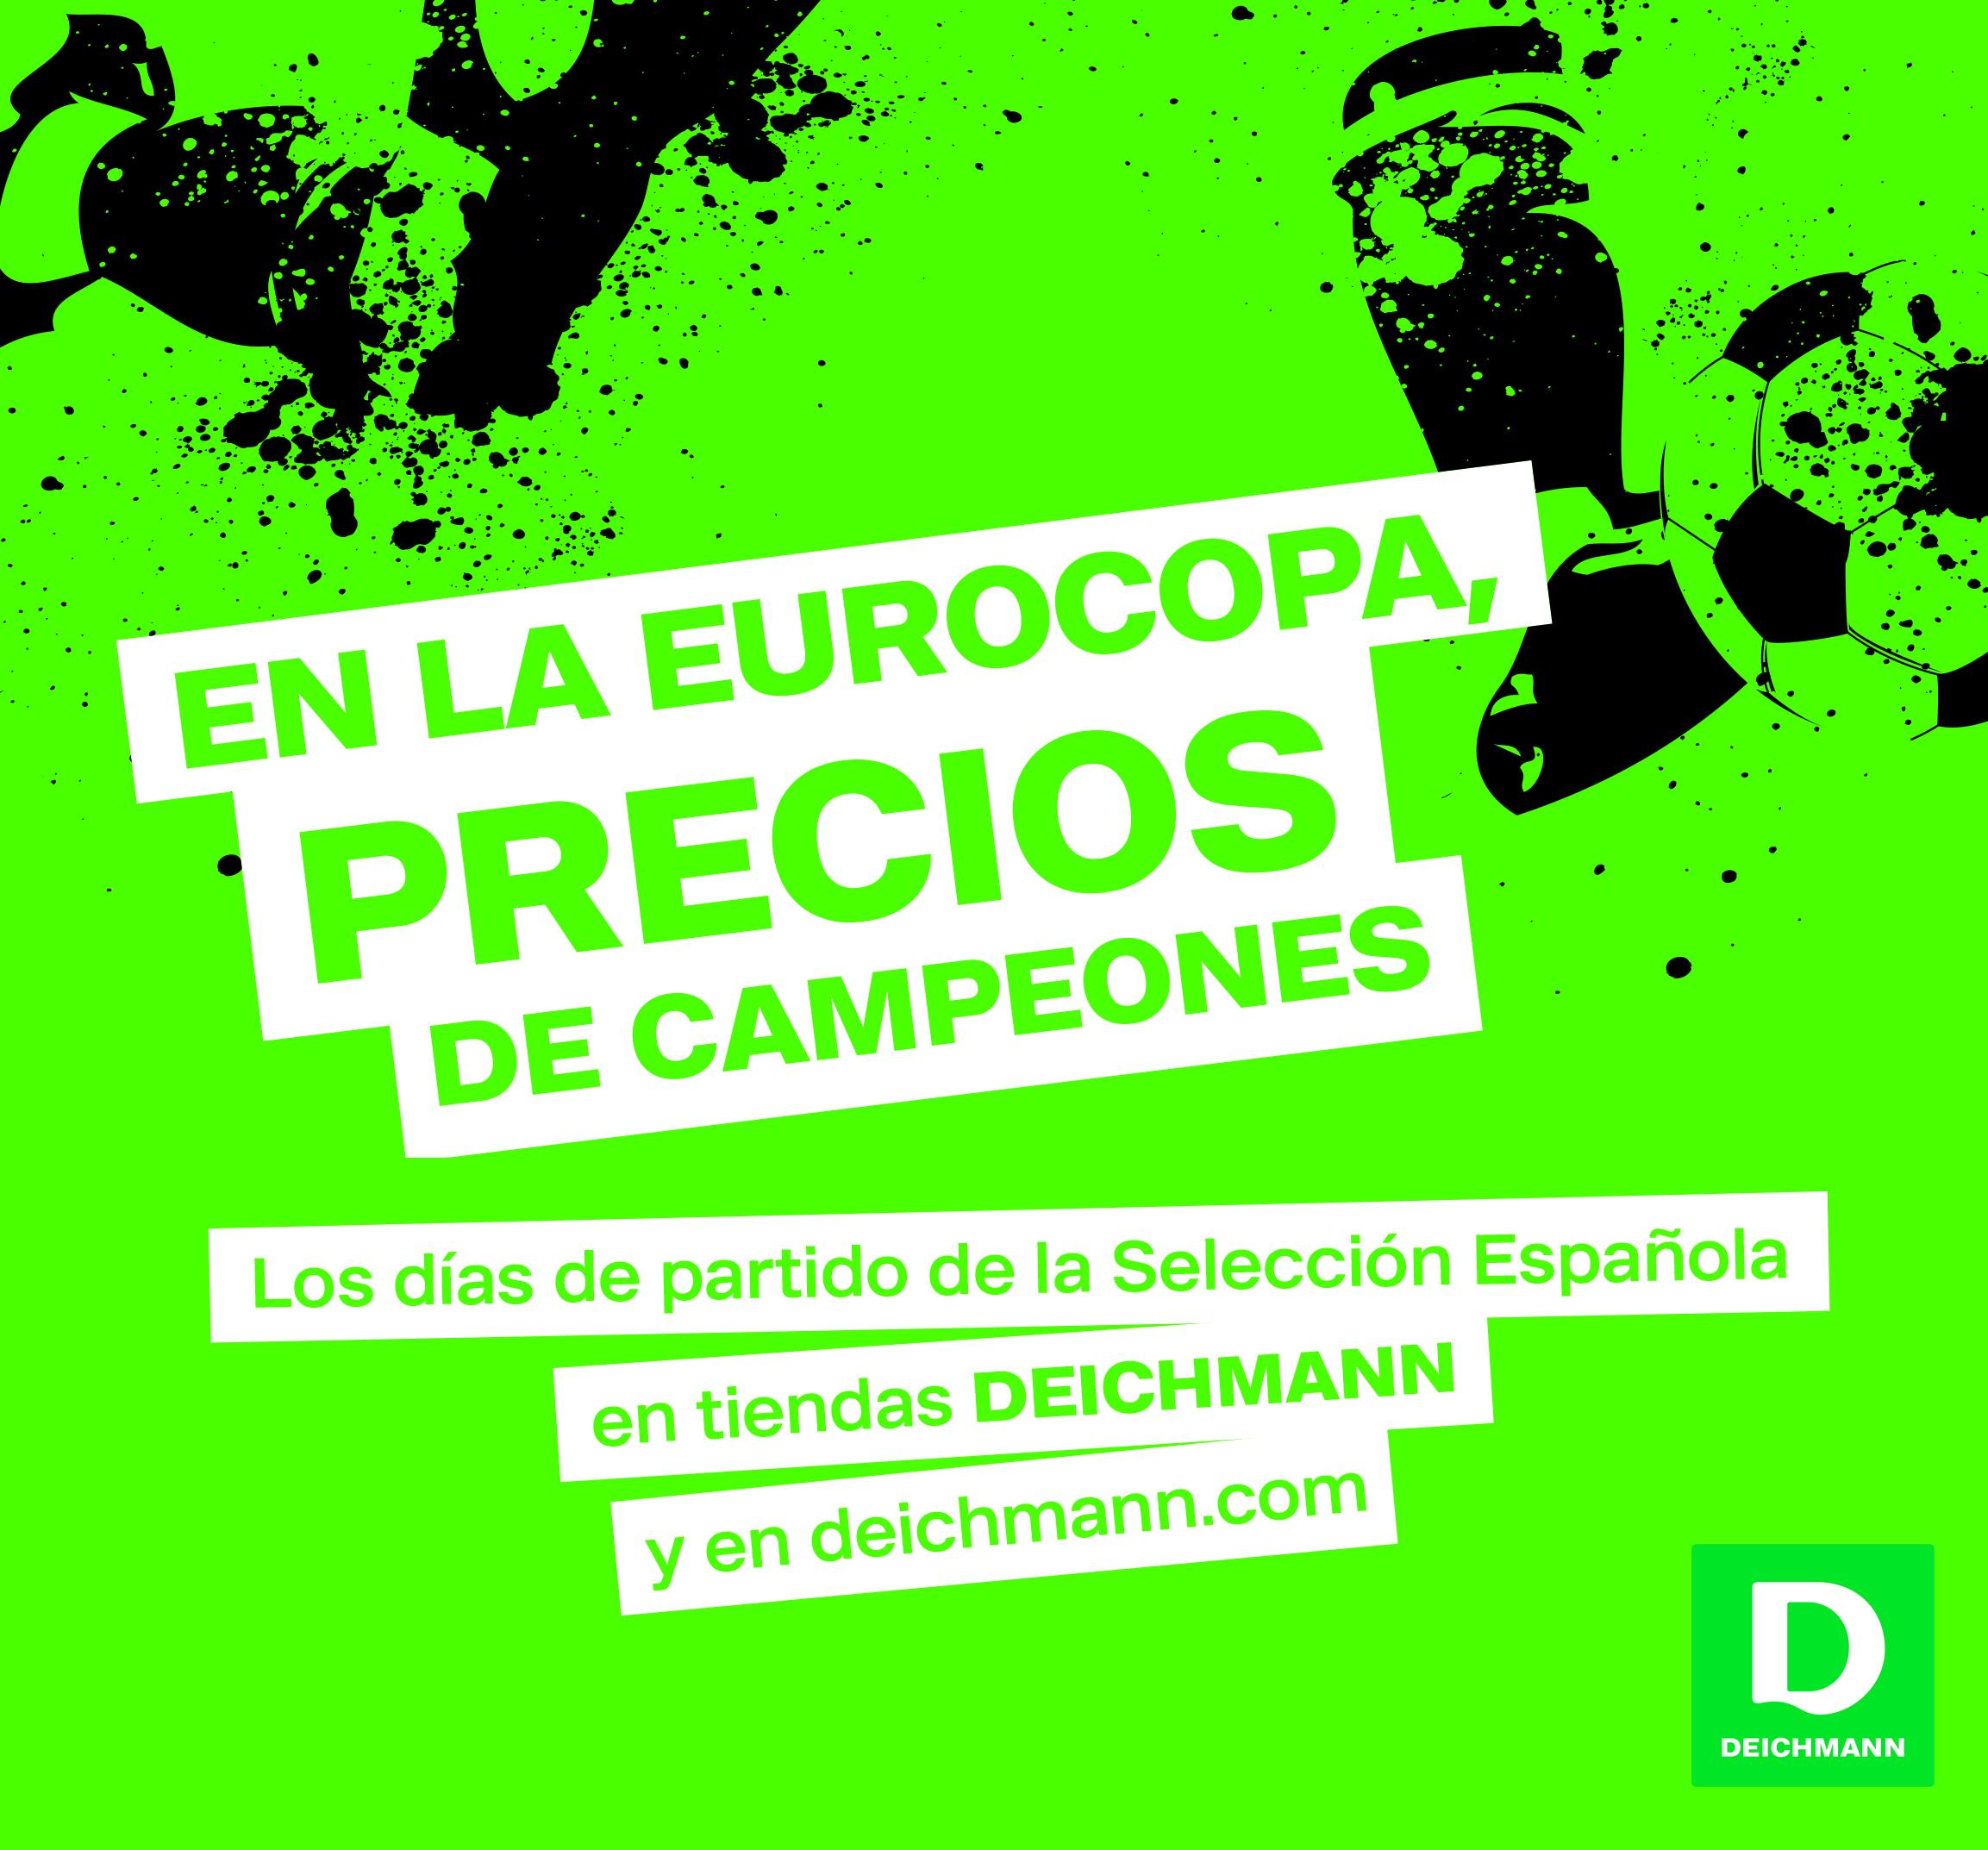 La Eurocopa en Deichmann